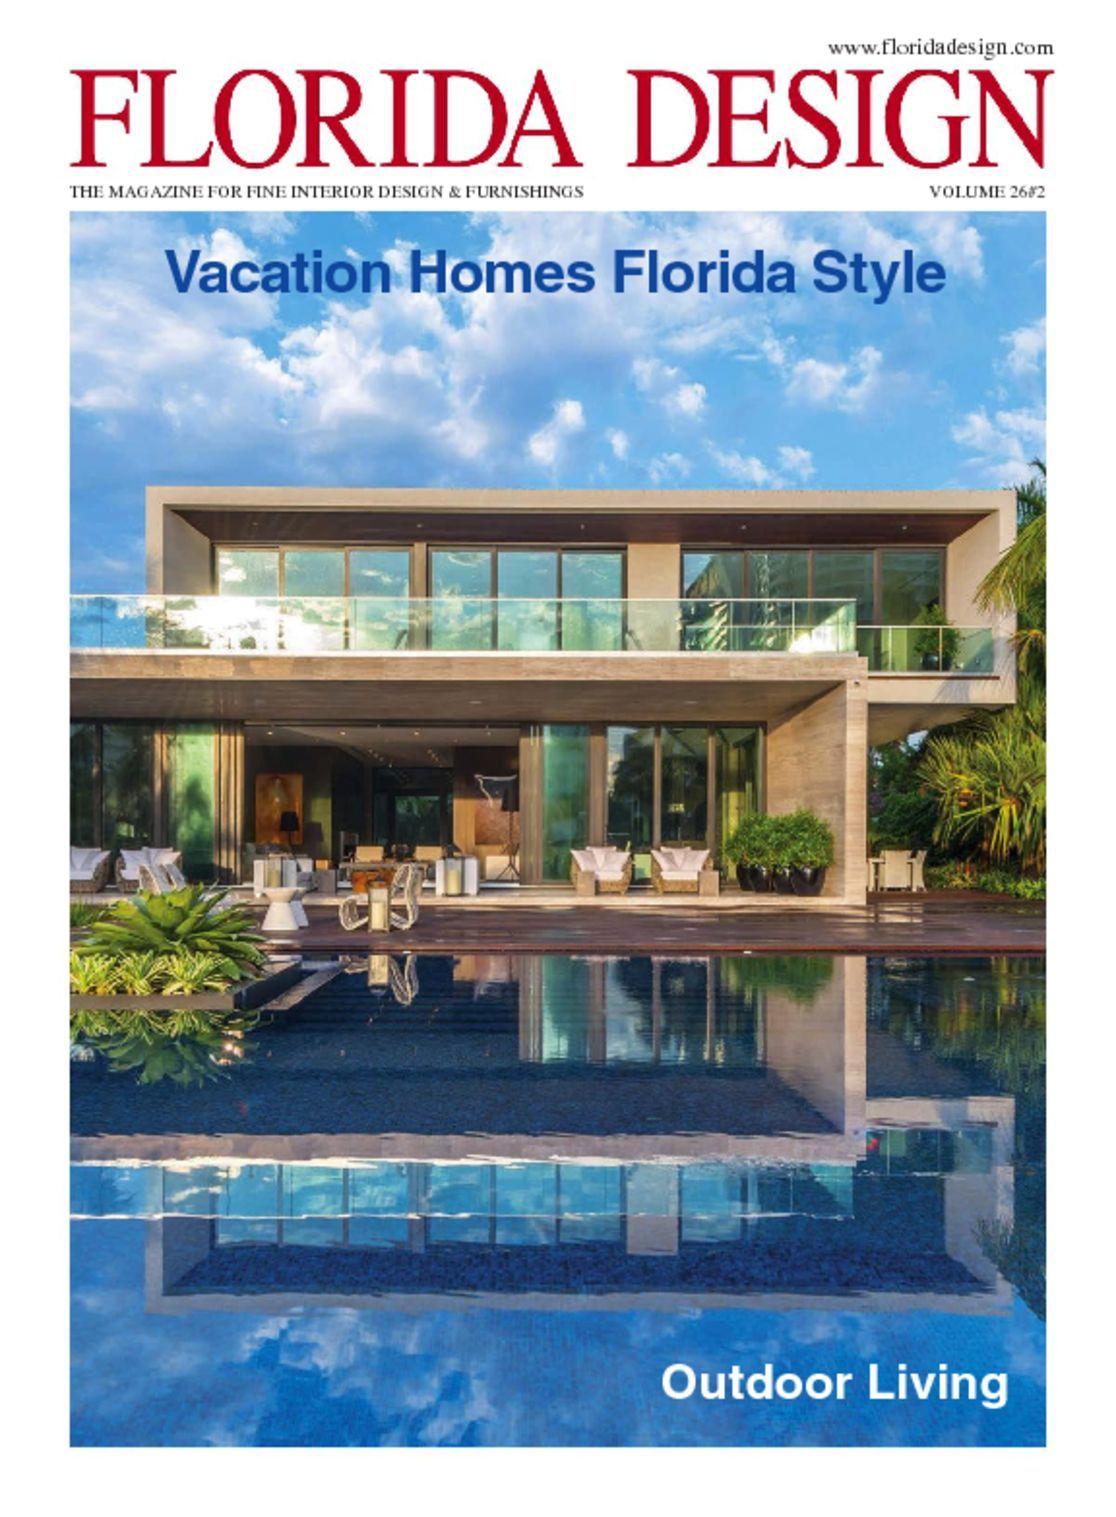 Florida Design Digital Magazine DiscountMagscom